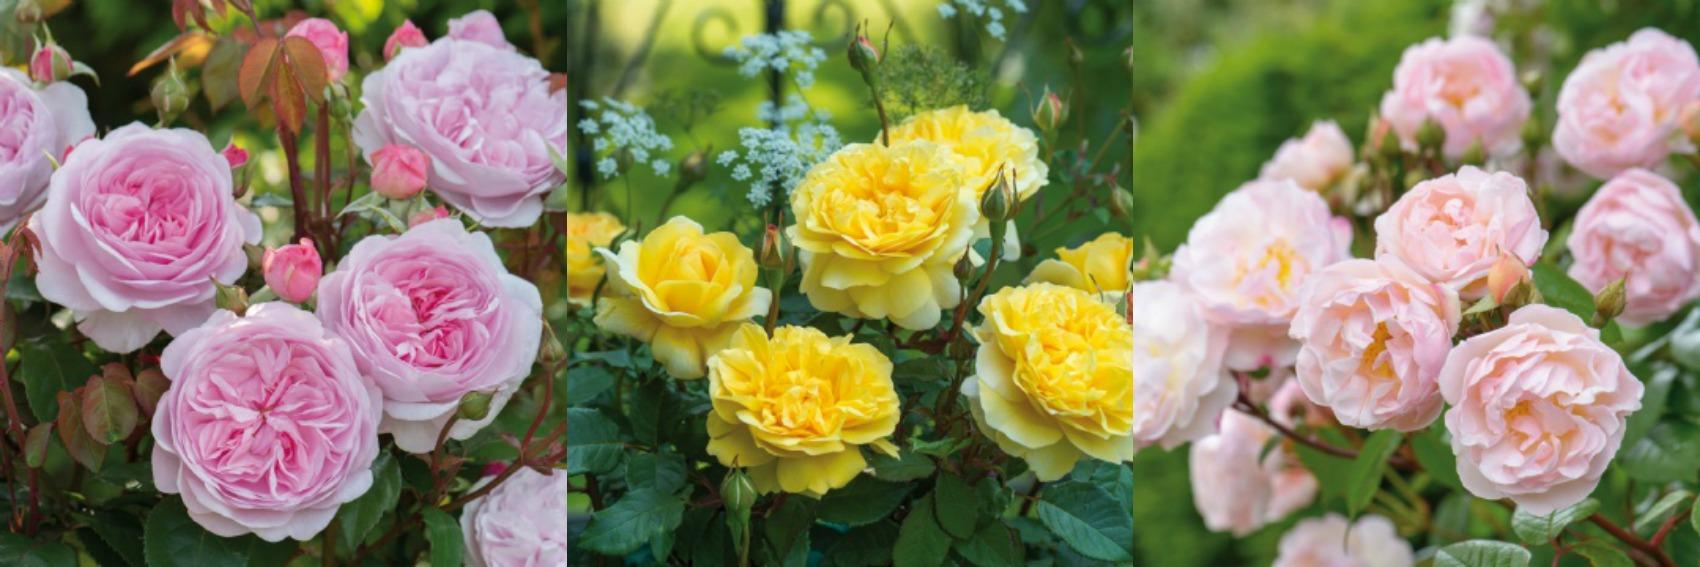 De nieuwe rozen van David Austin in 2015